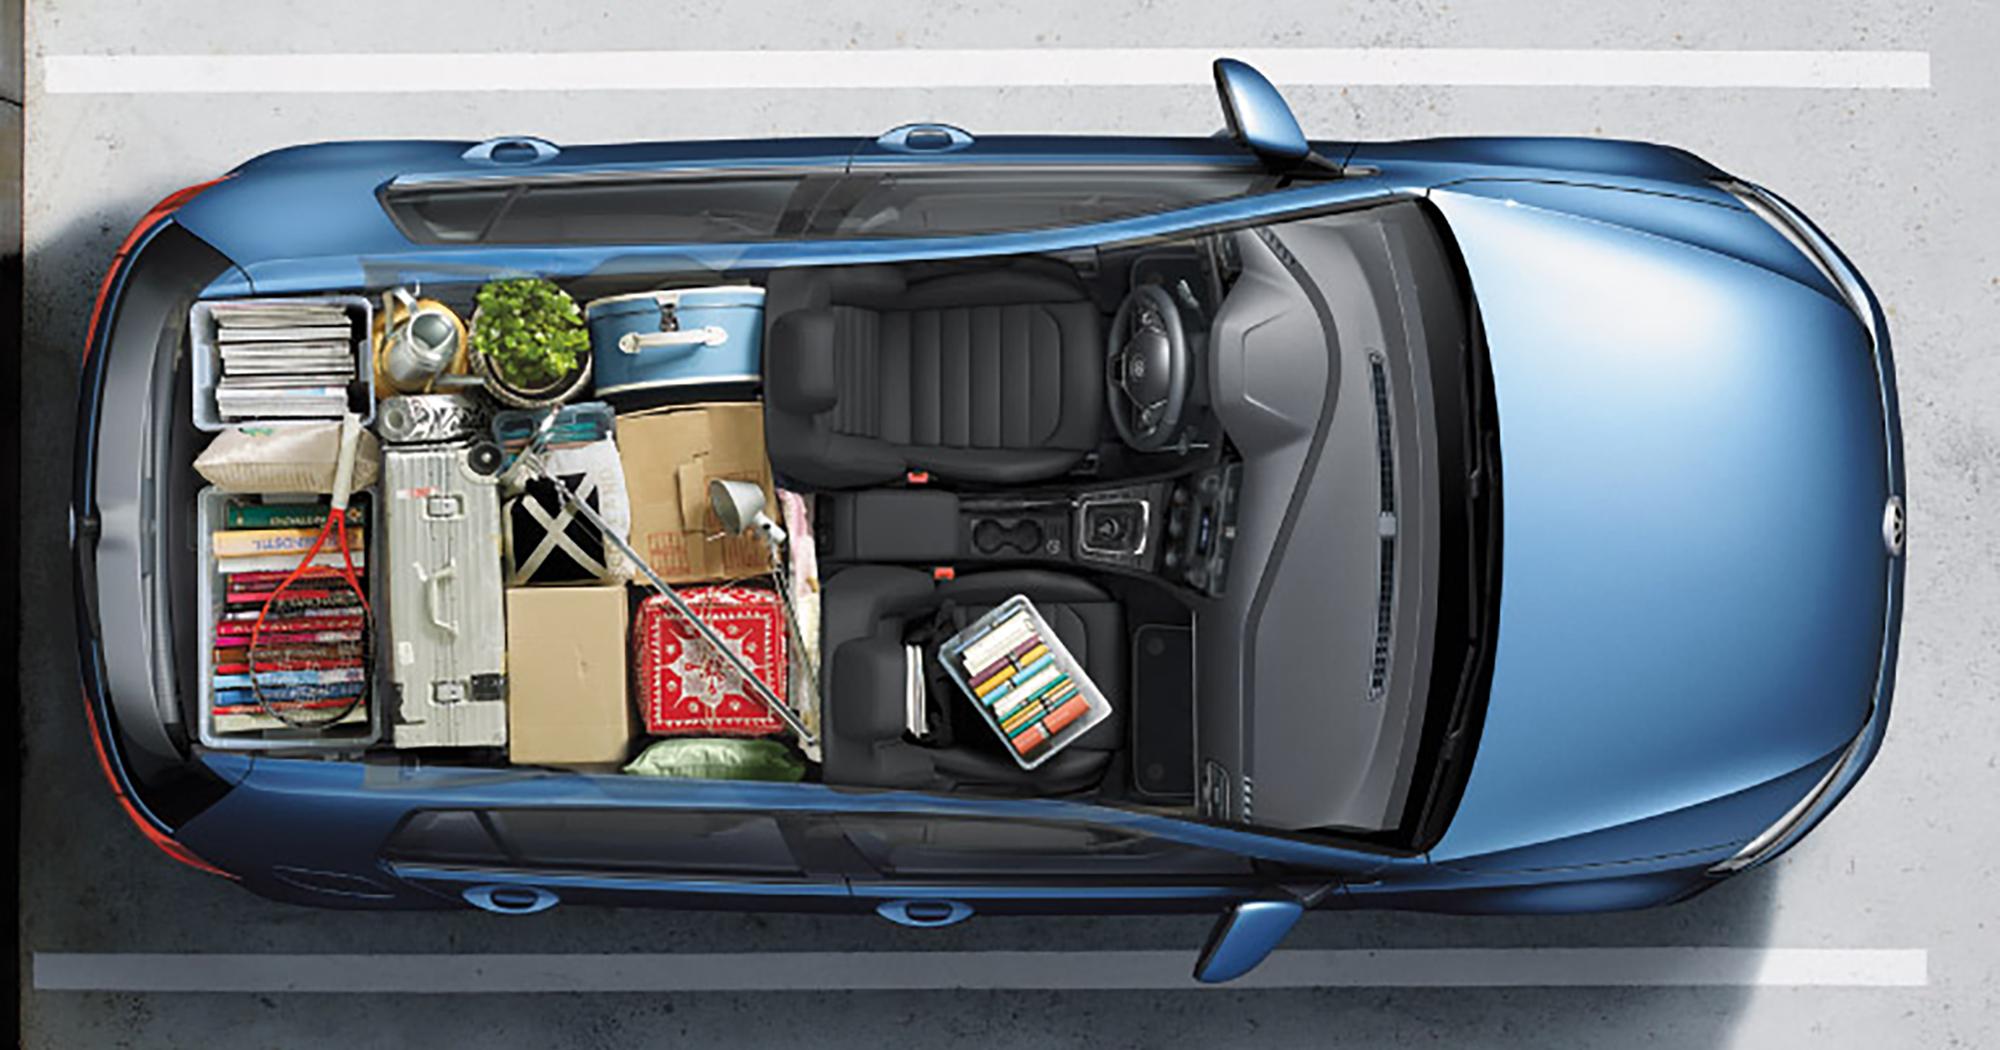 2017 Volkswagen Golf Maximum Cargo Capacity